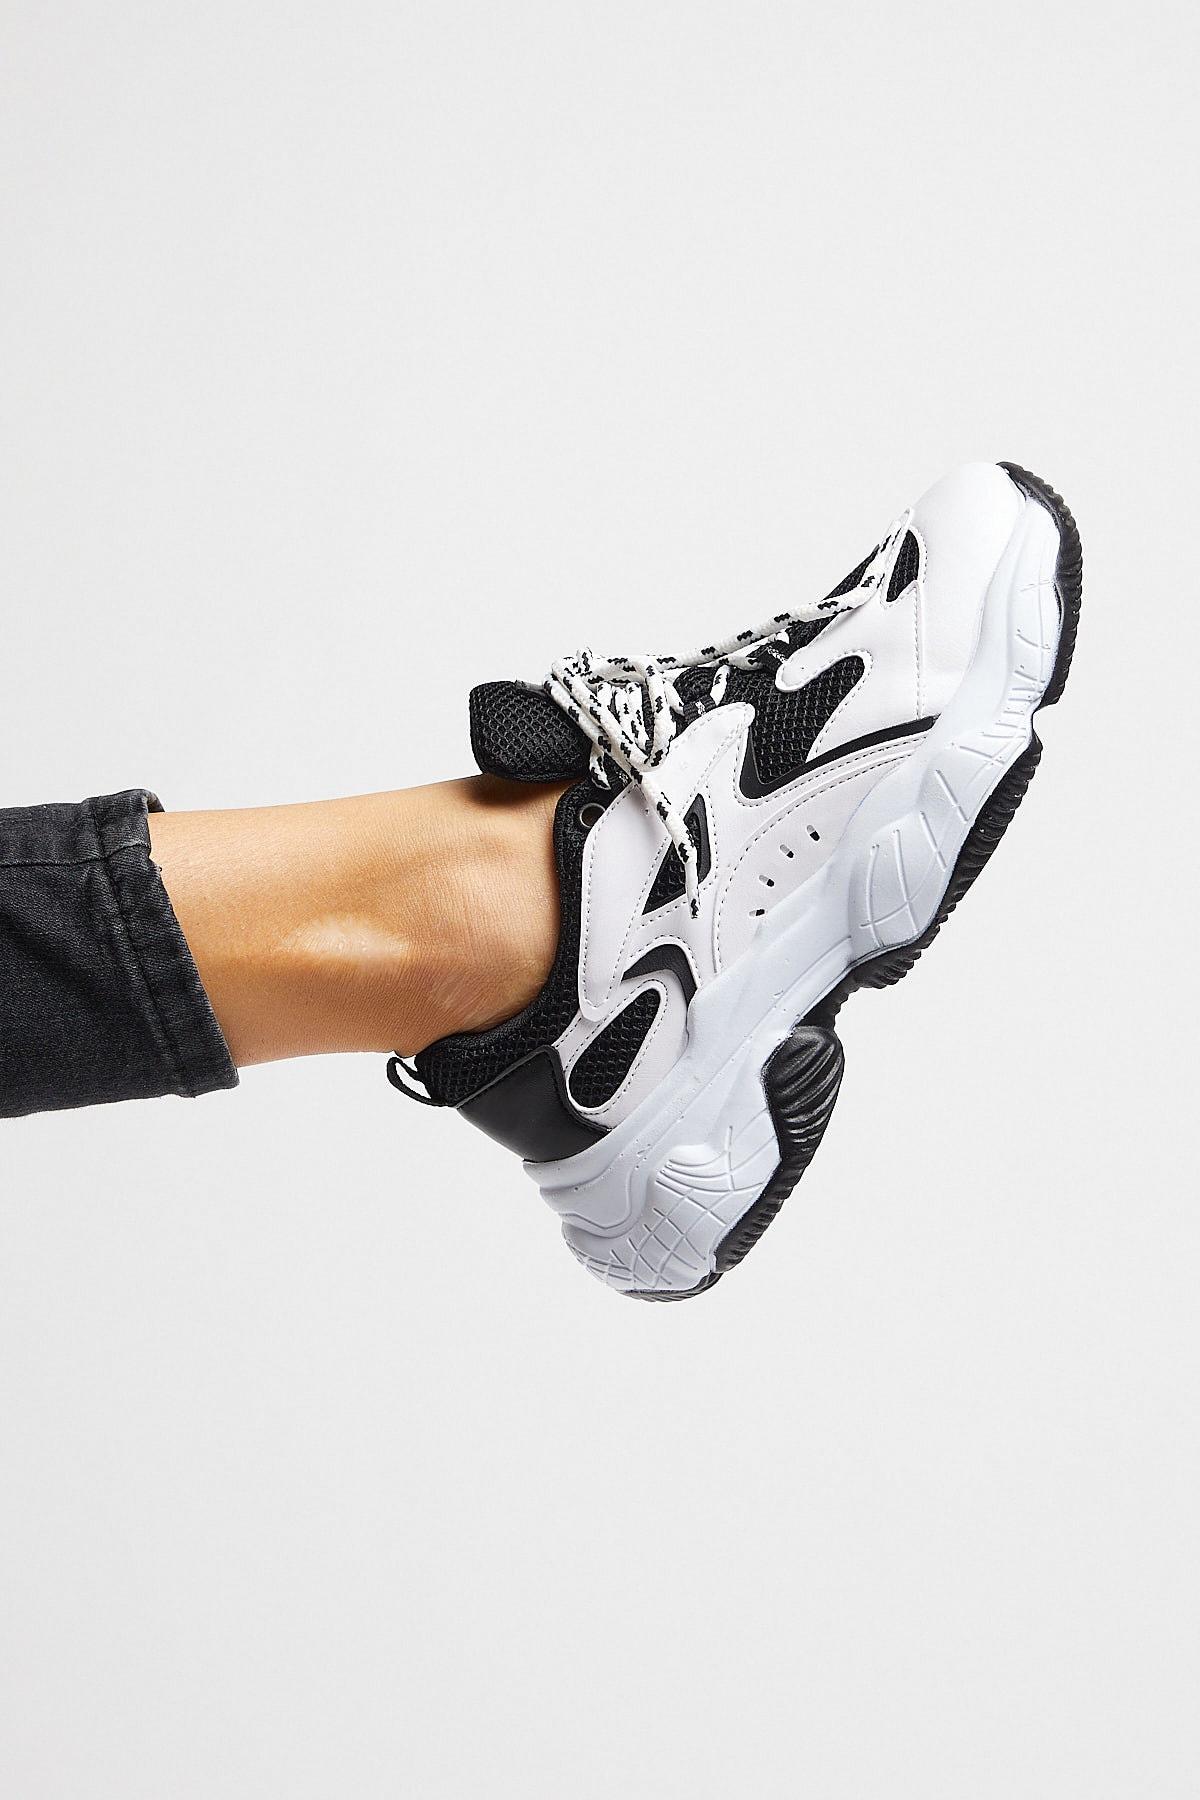 Tonny Black Bayan Spor Ayakkabı Siyah Beyaz Tb288 1